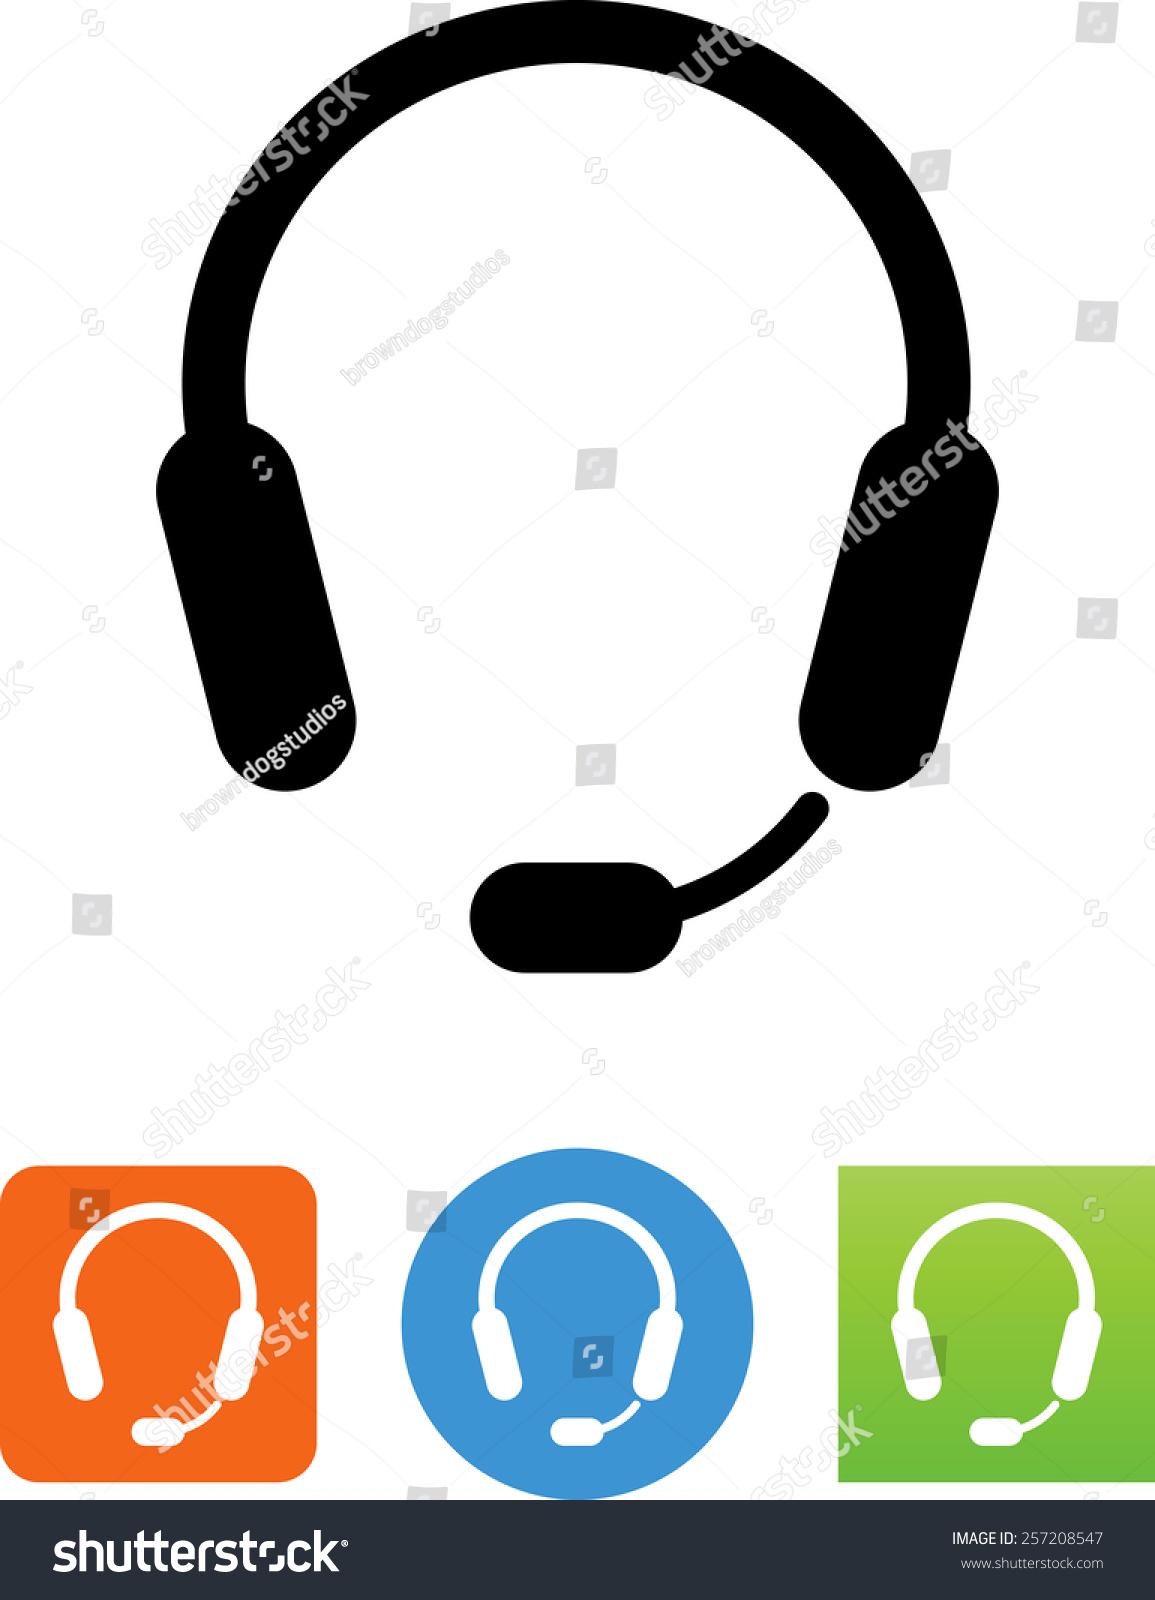 耳机标志下载.矢量图标为视频,移动应用程序,网站和印刷项目.